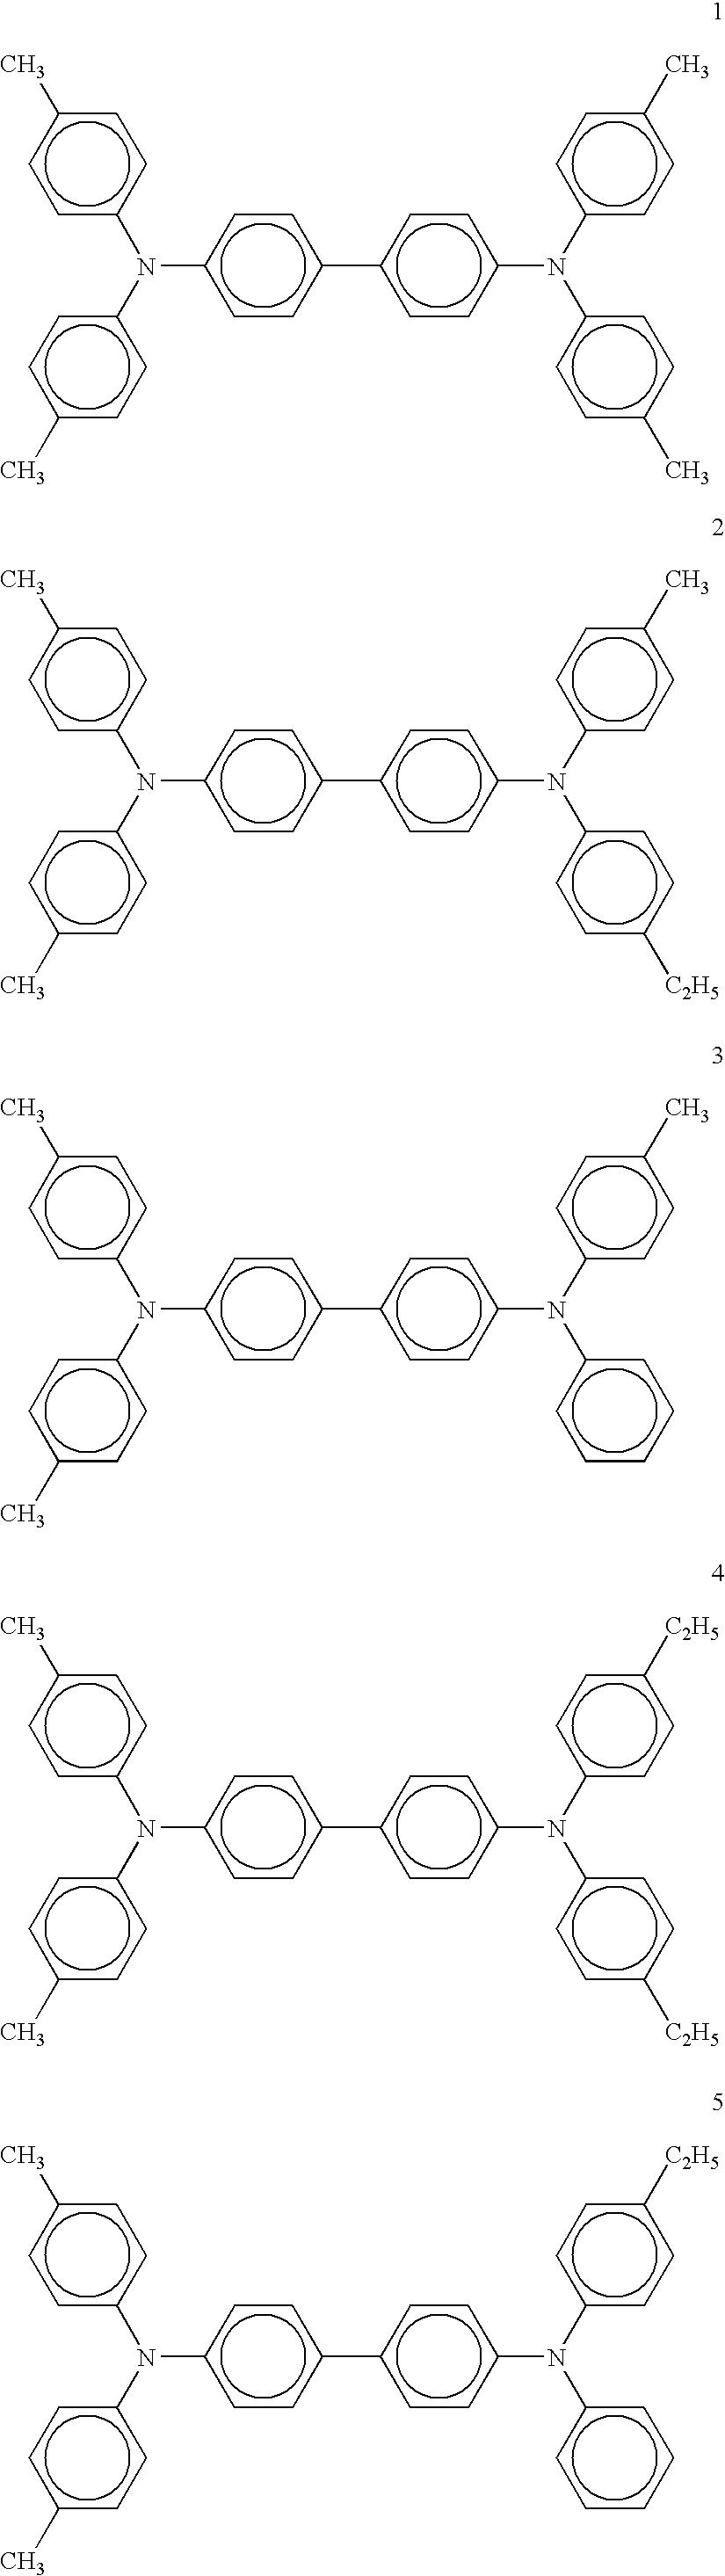 Figure US20040105614A1-20040603-C00004